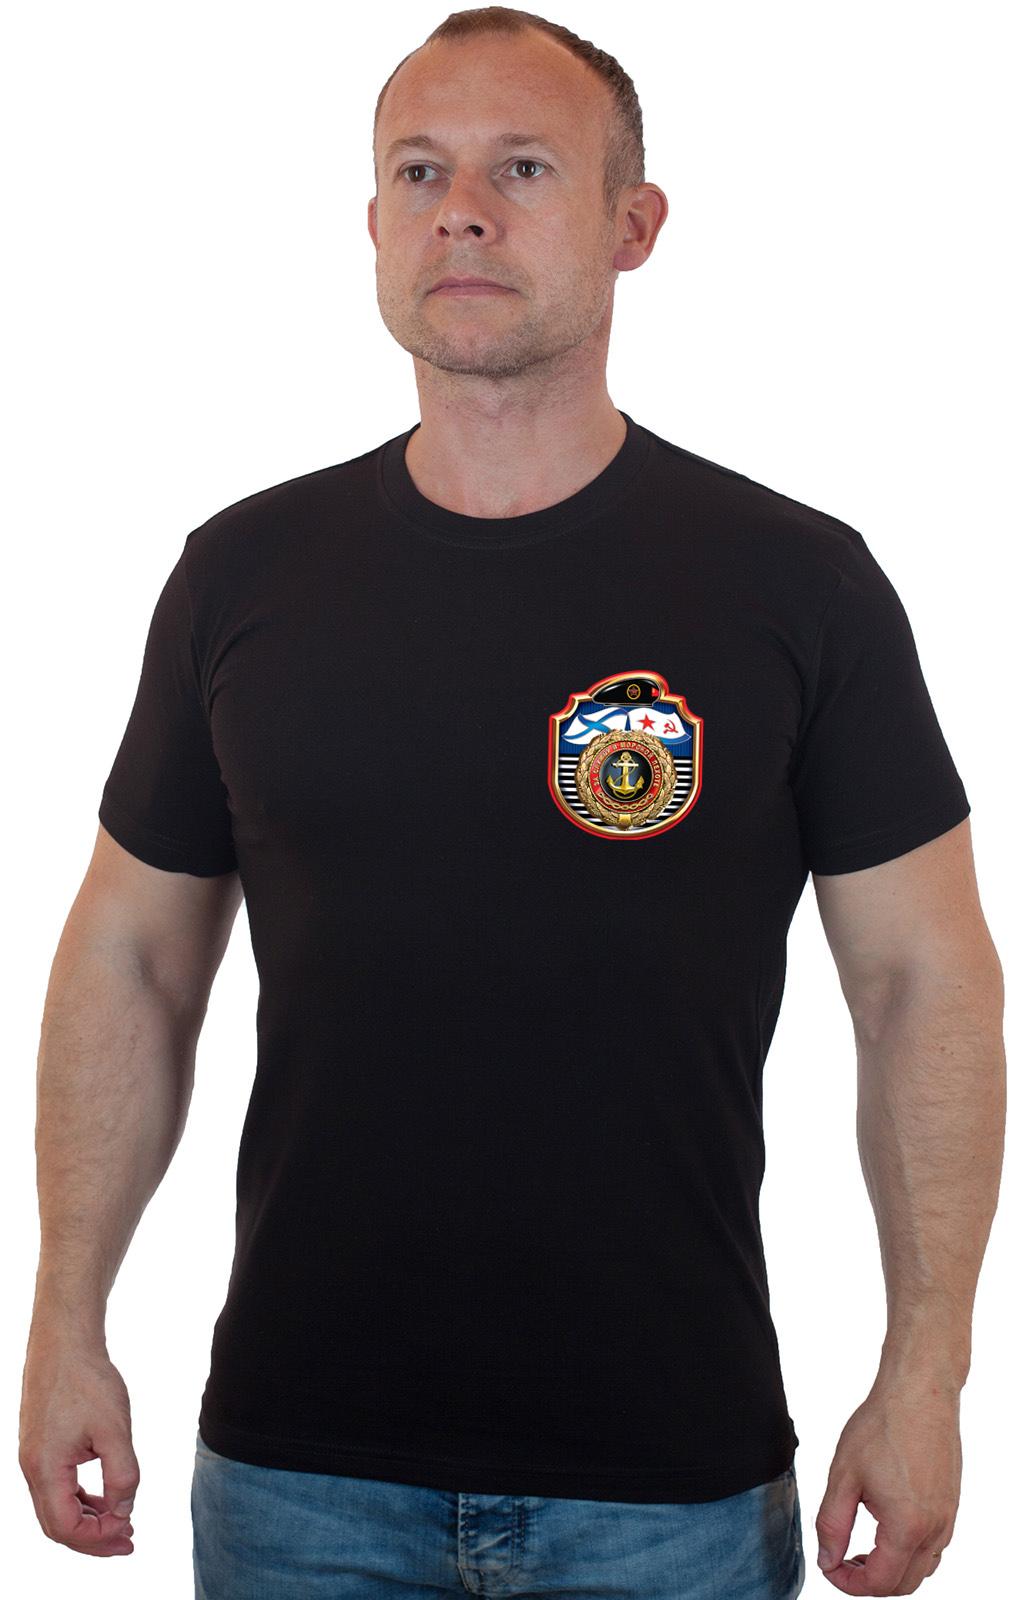 Купить в военторге футболку с морпеховским принтом